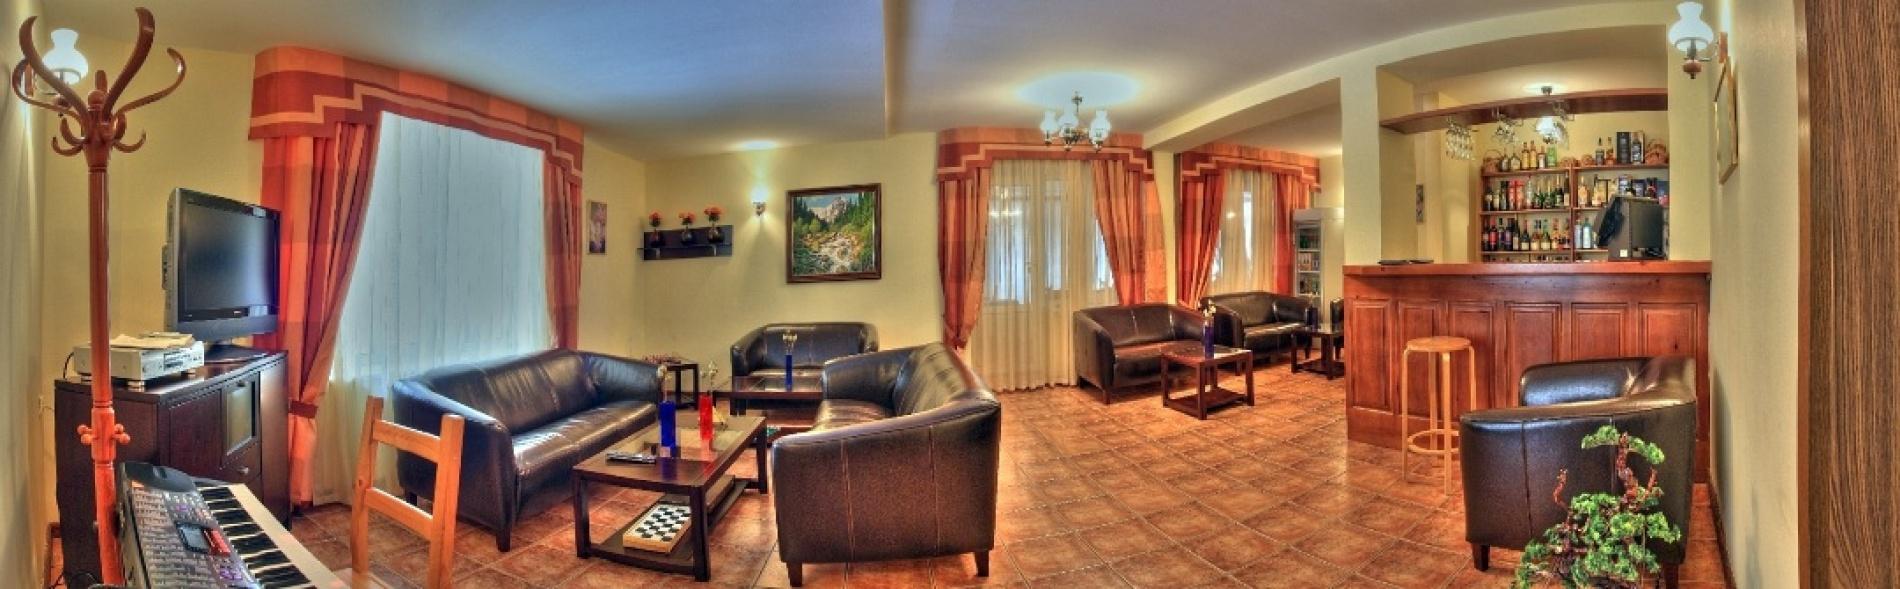 """Парк-отель """"Ozon Landhaus"""" Кабардино-Балкарская Республика, фото 8"""